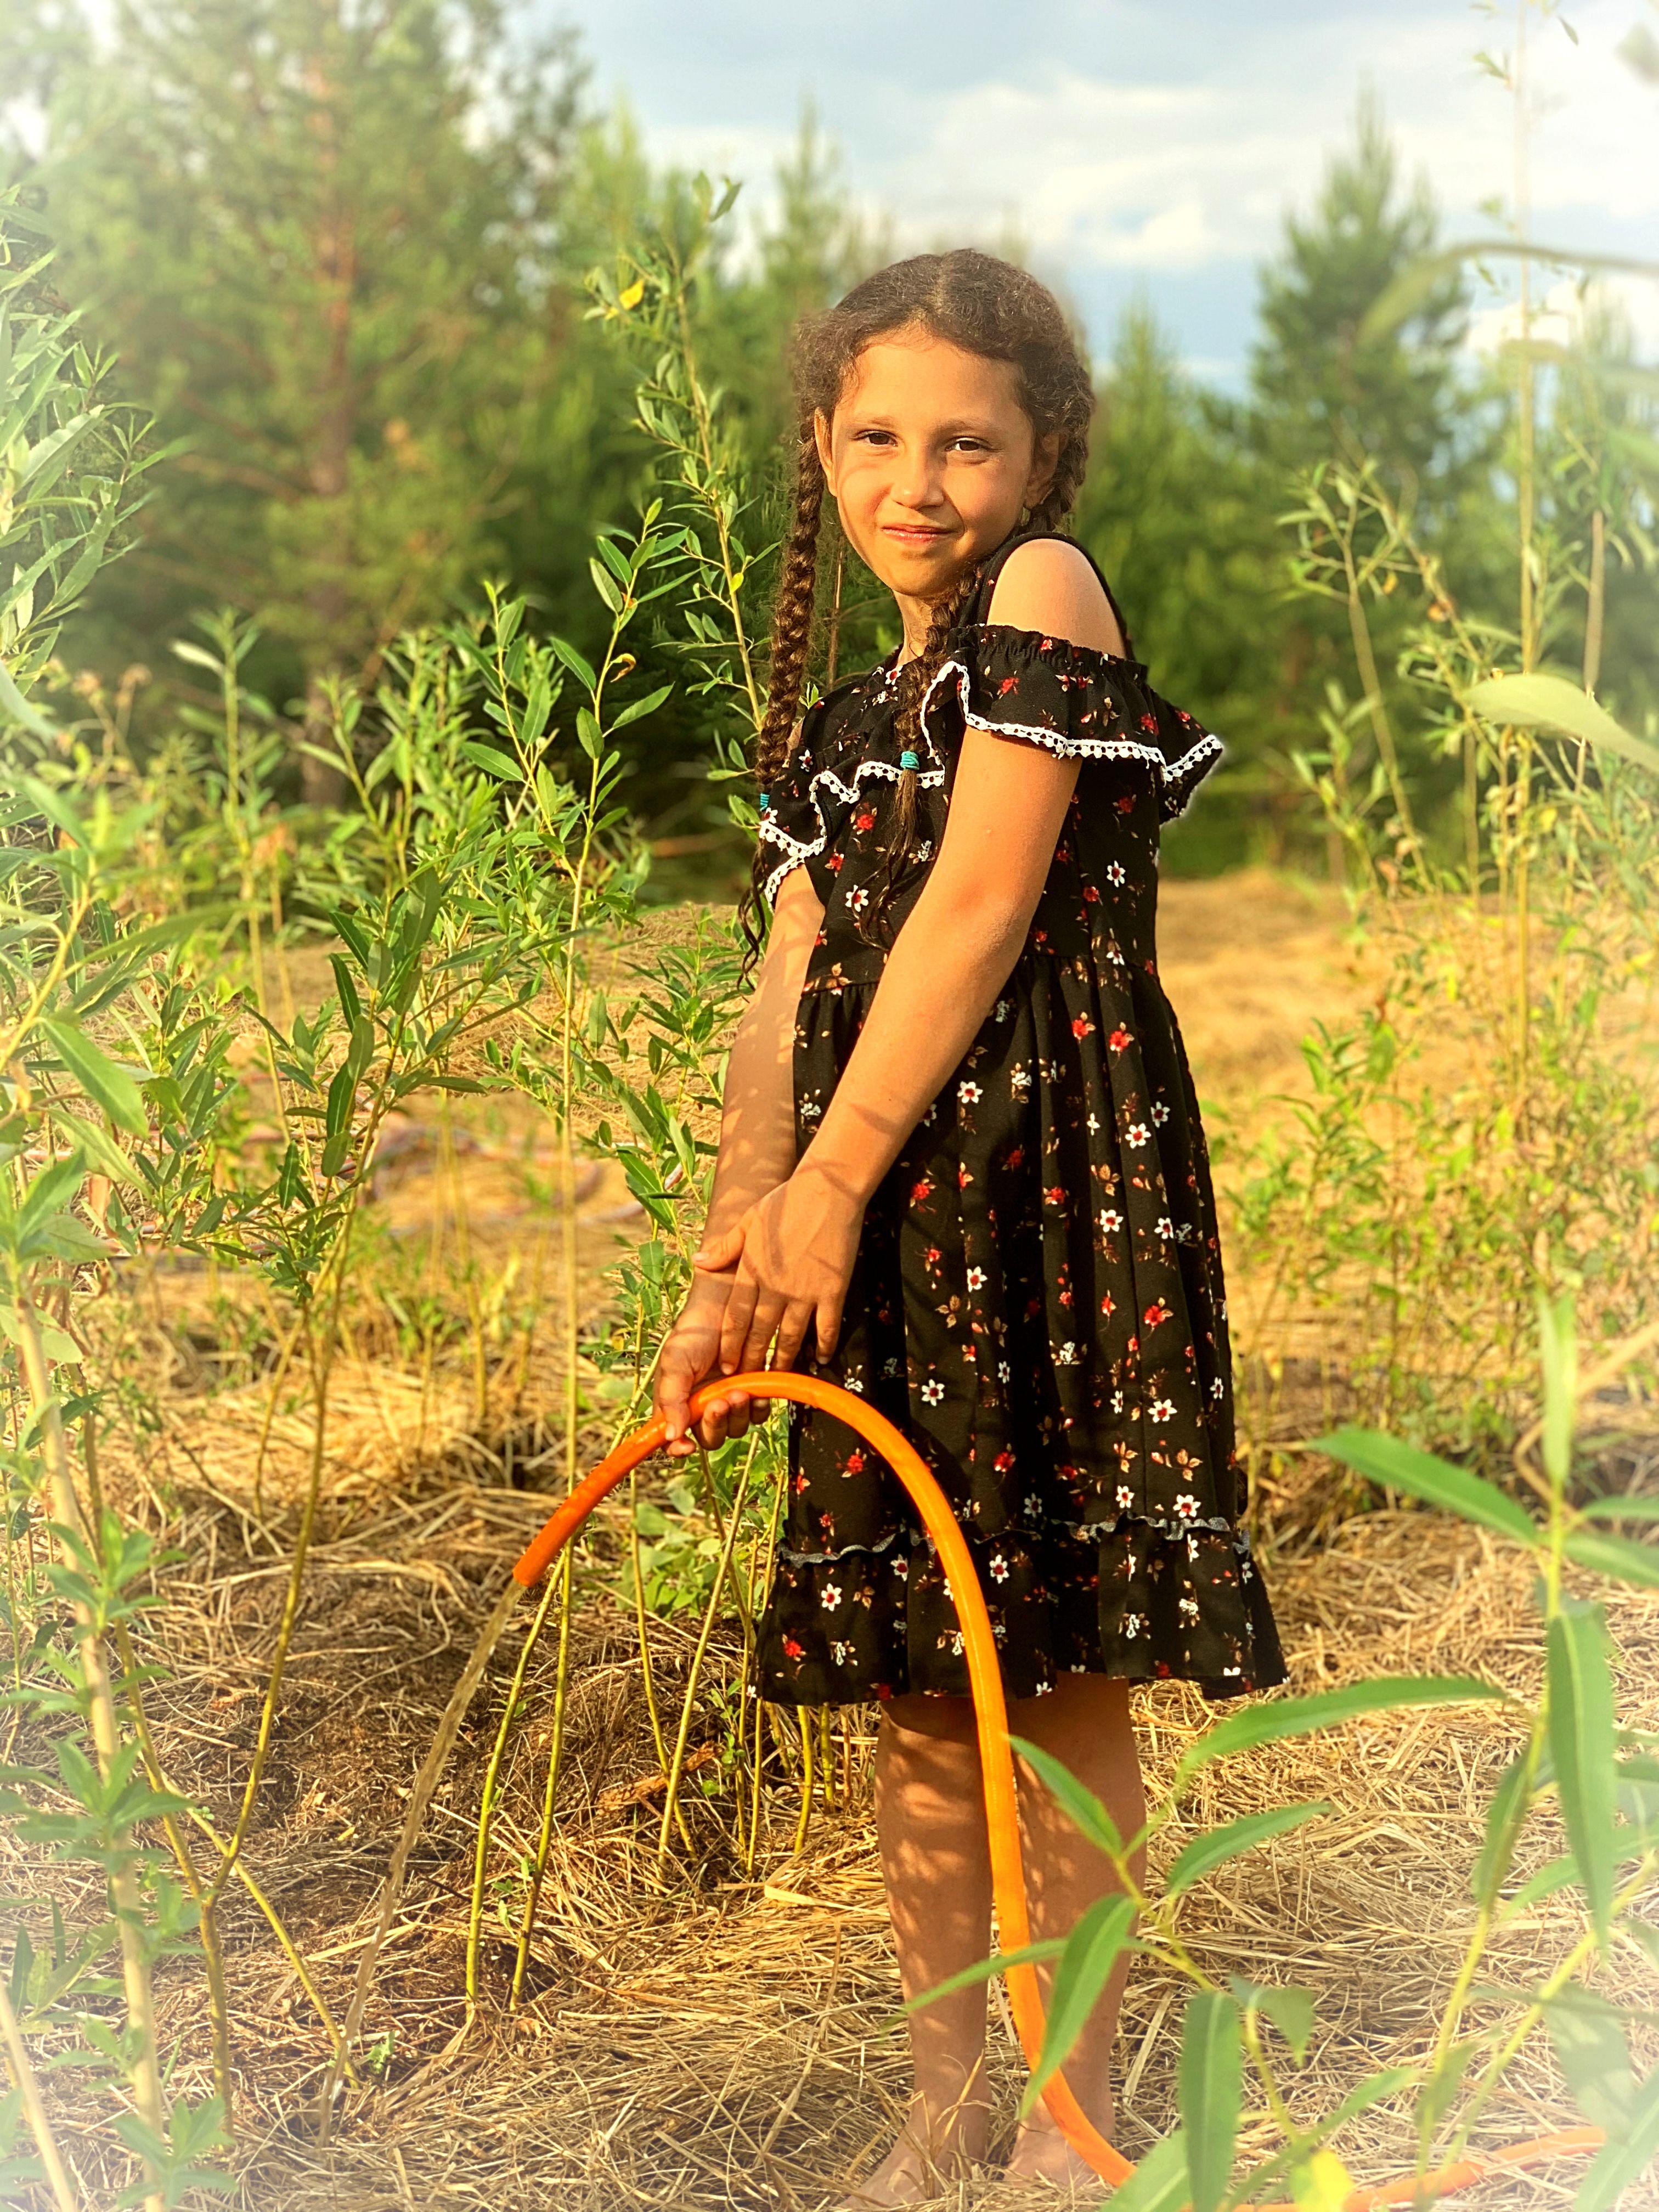 Дети семьи Караваевых обустраивают свои участочки в поместье (2).jpeg